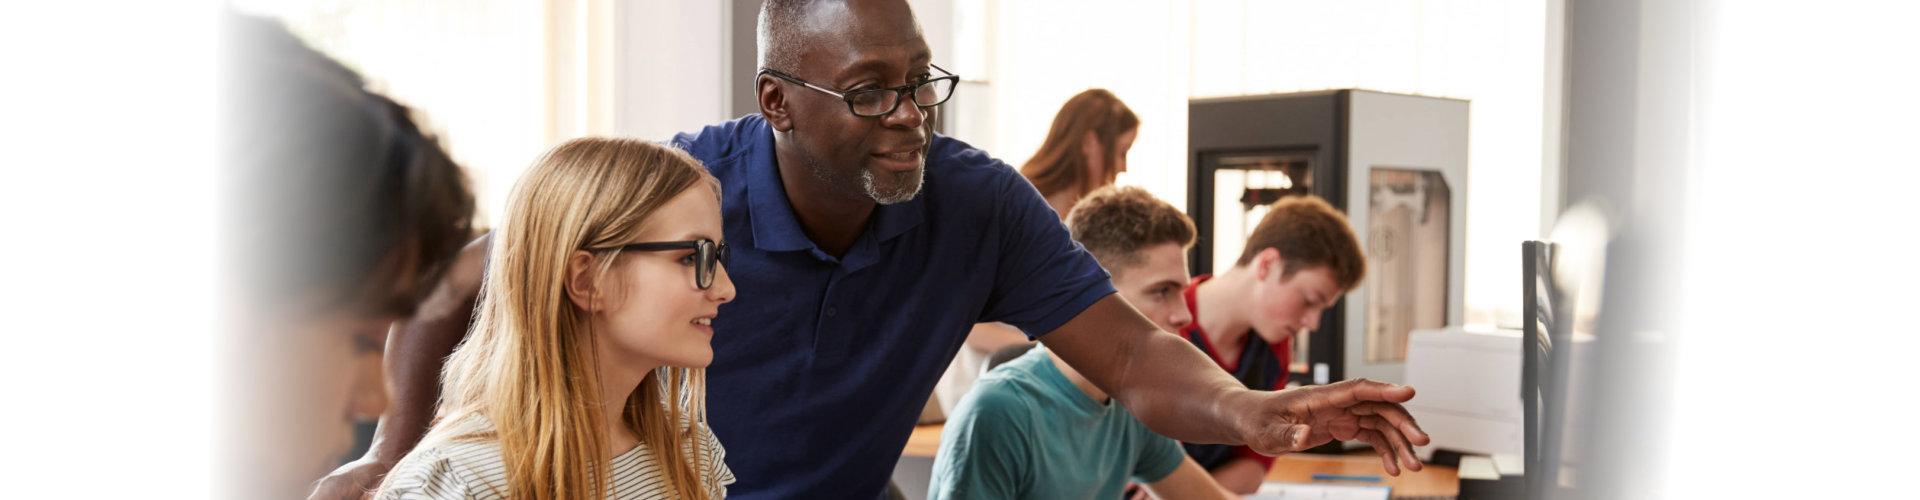 professor assisting his student